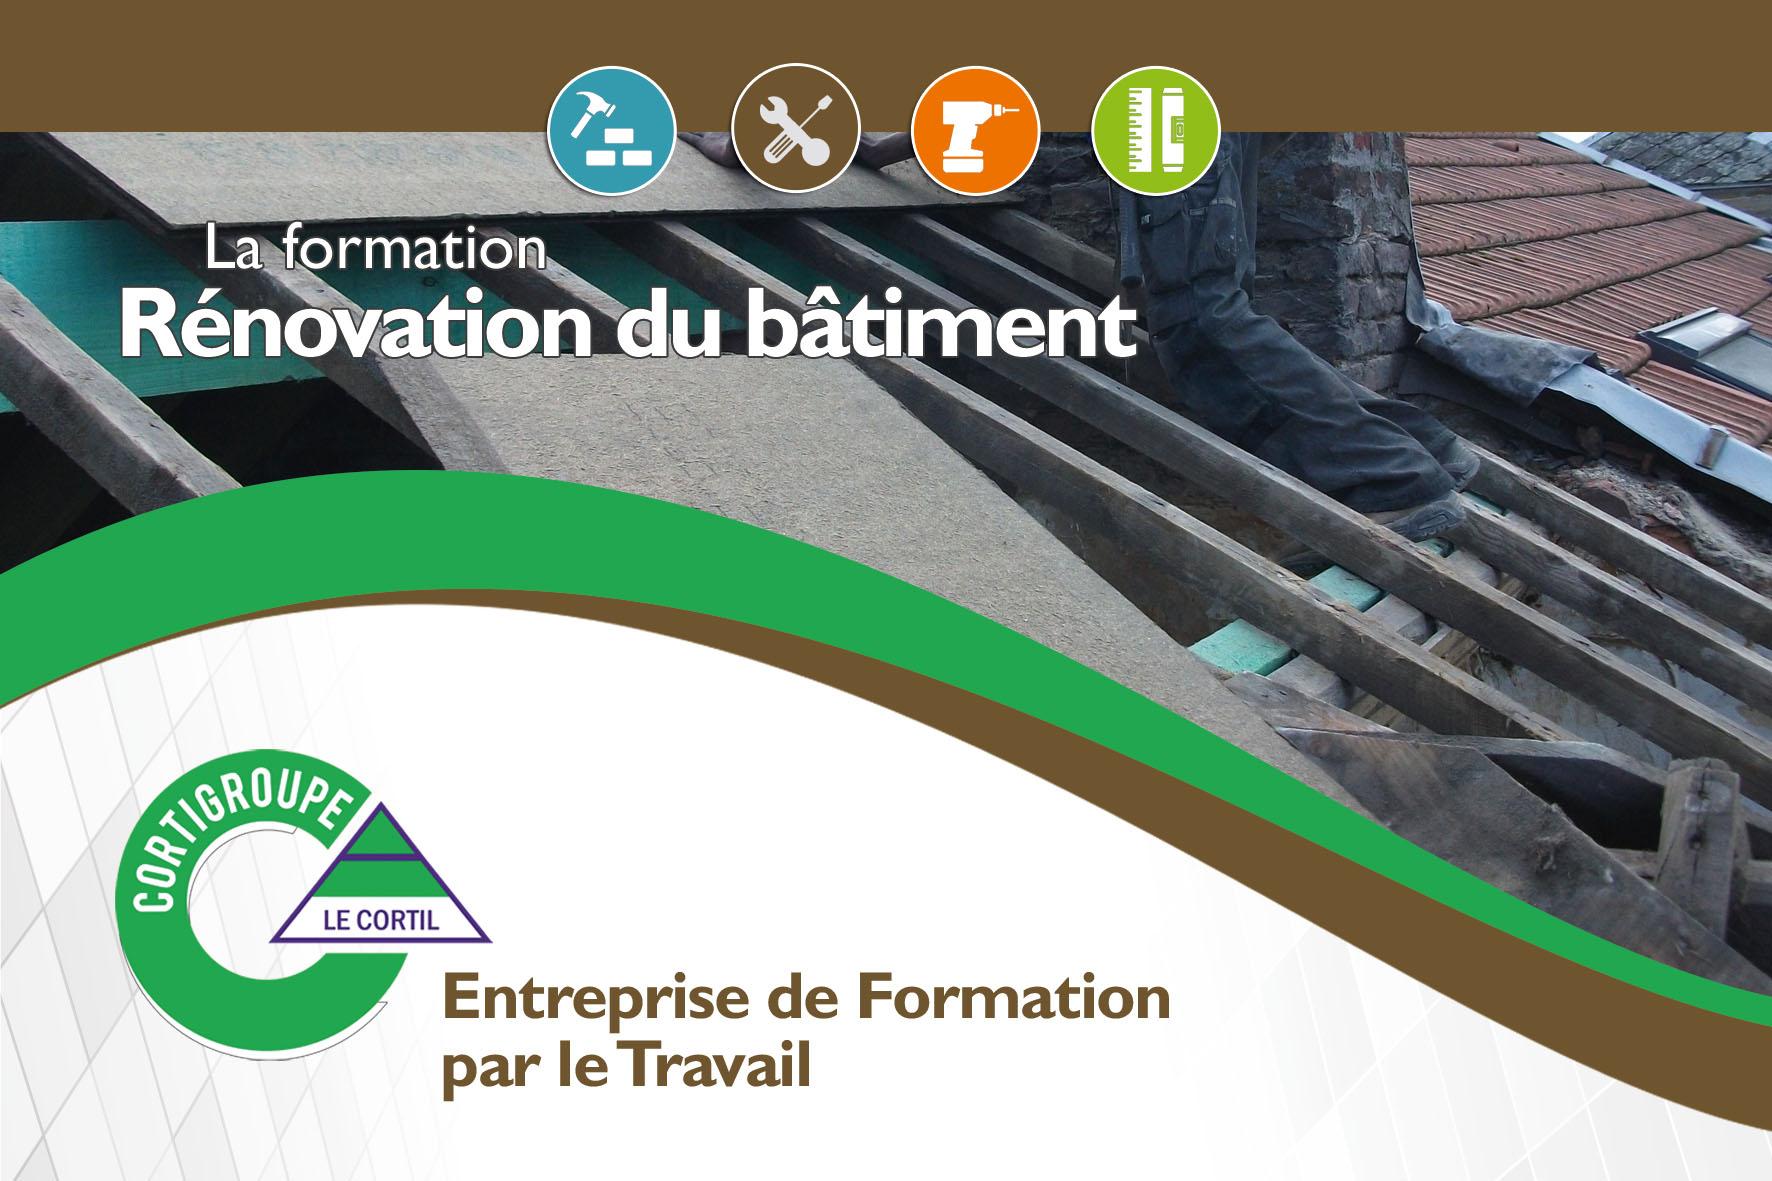 Formation en rénovation du bâtiment